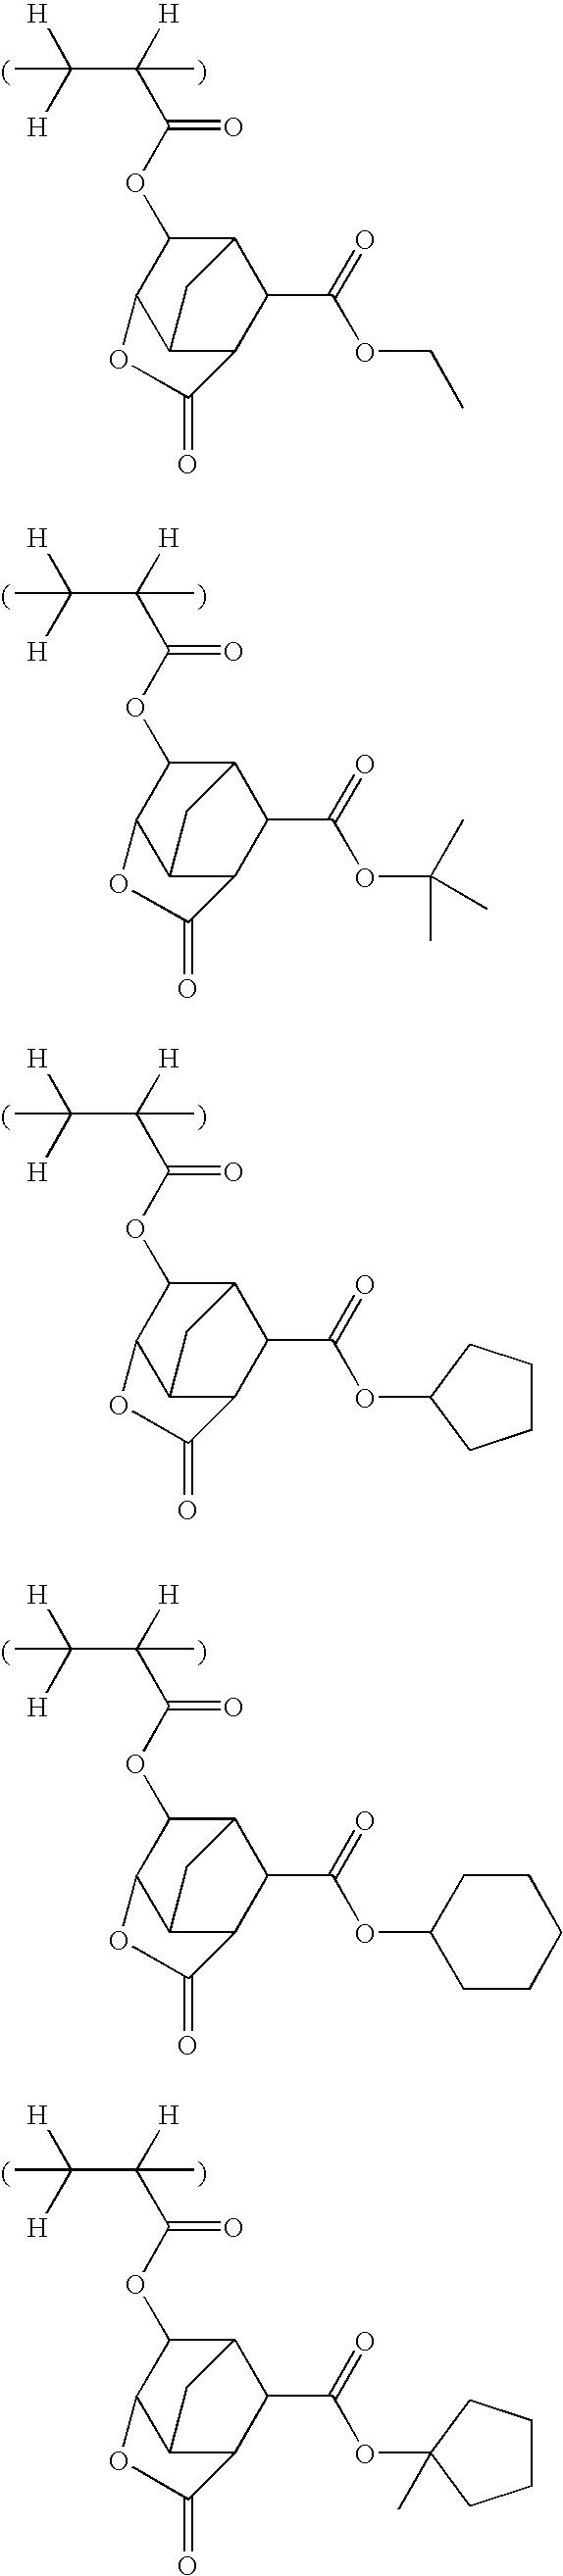 Figure US07569326-20090804-C00038